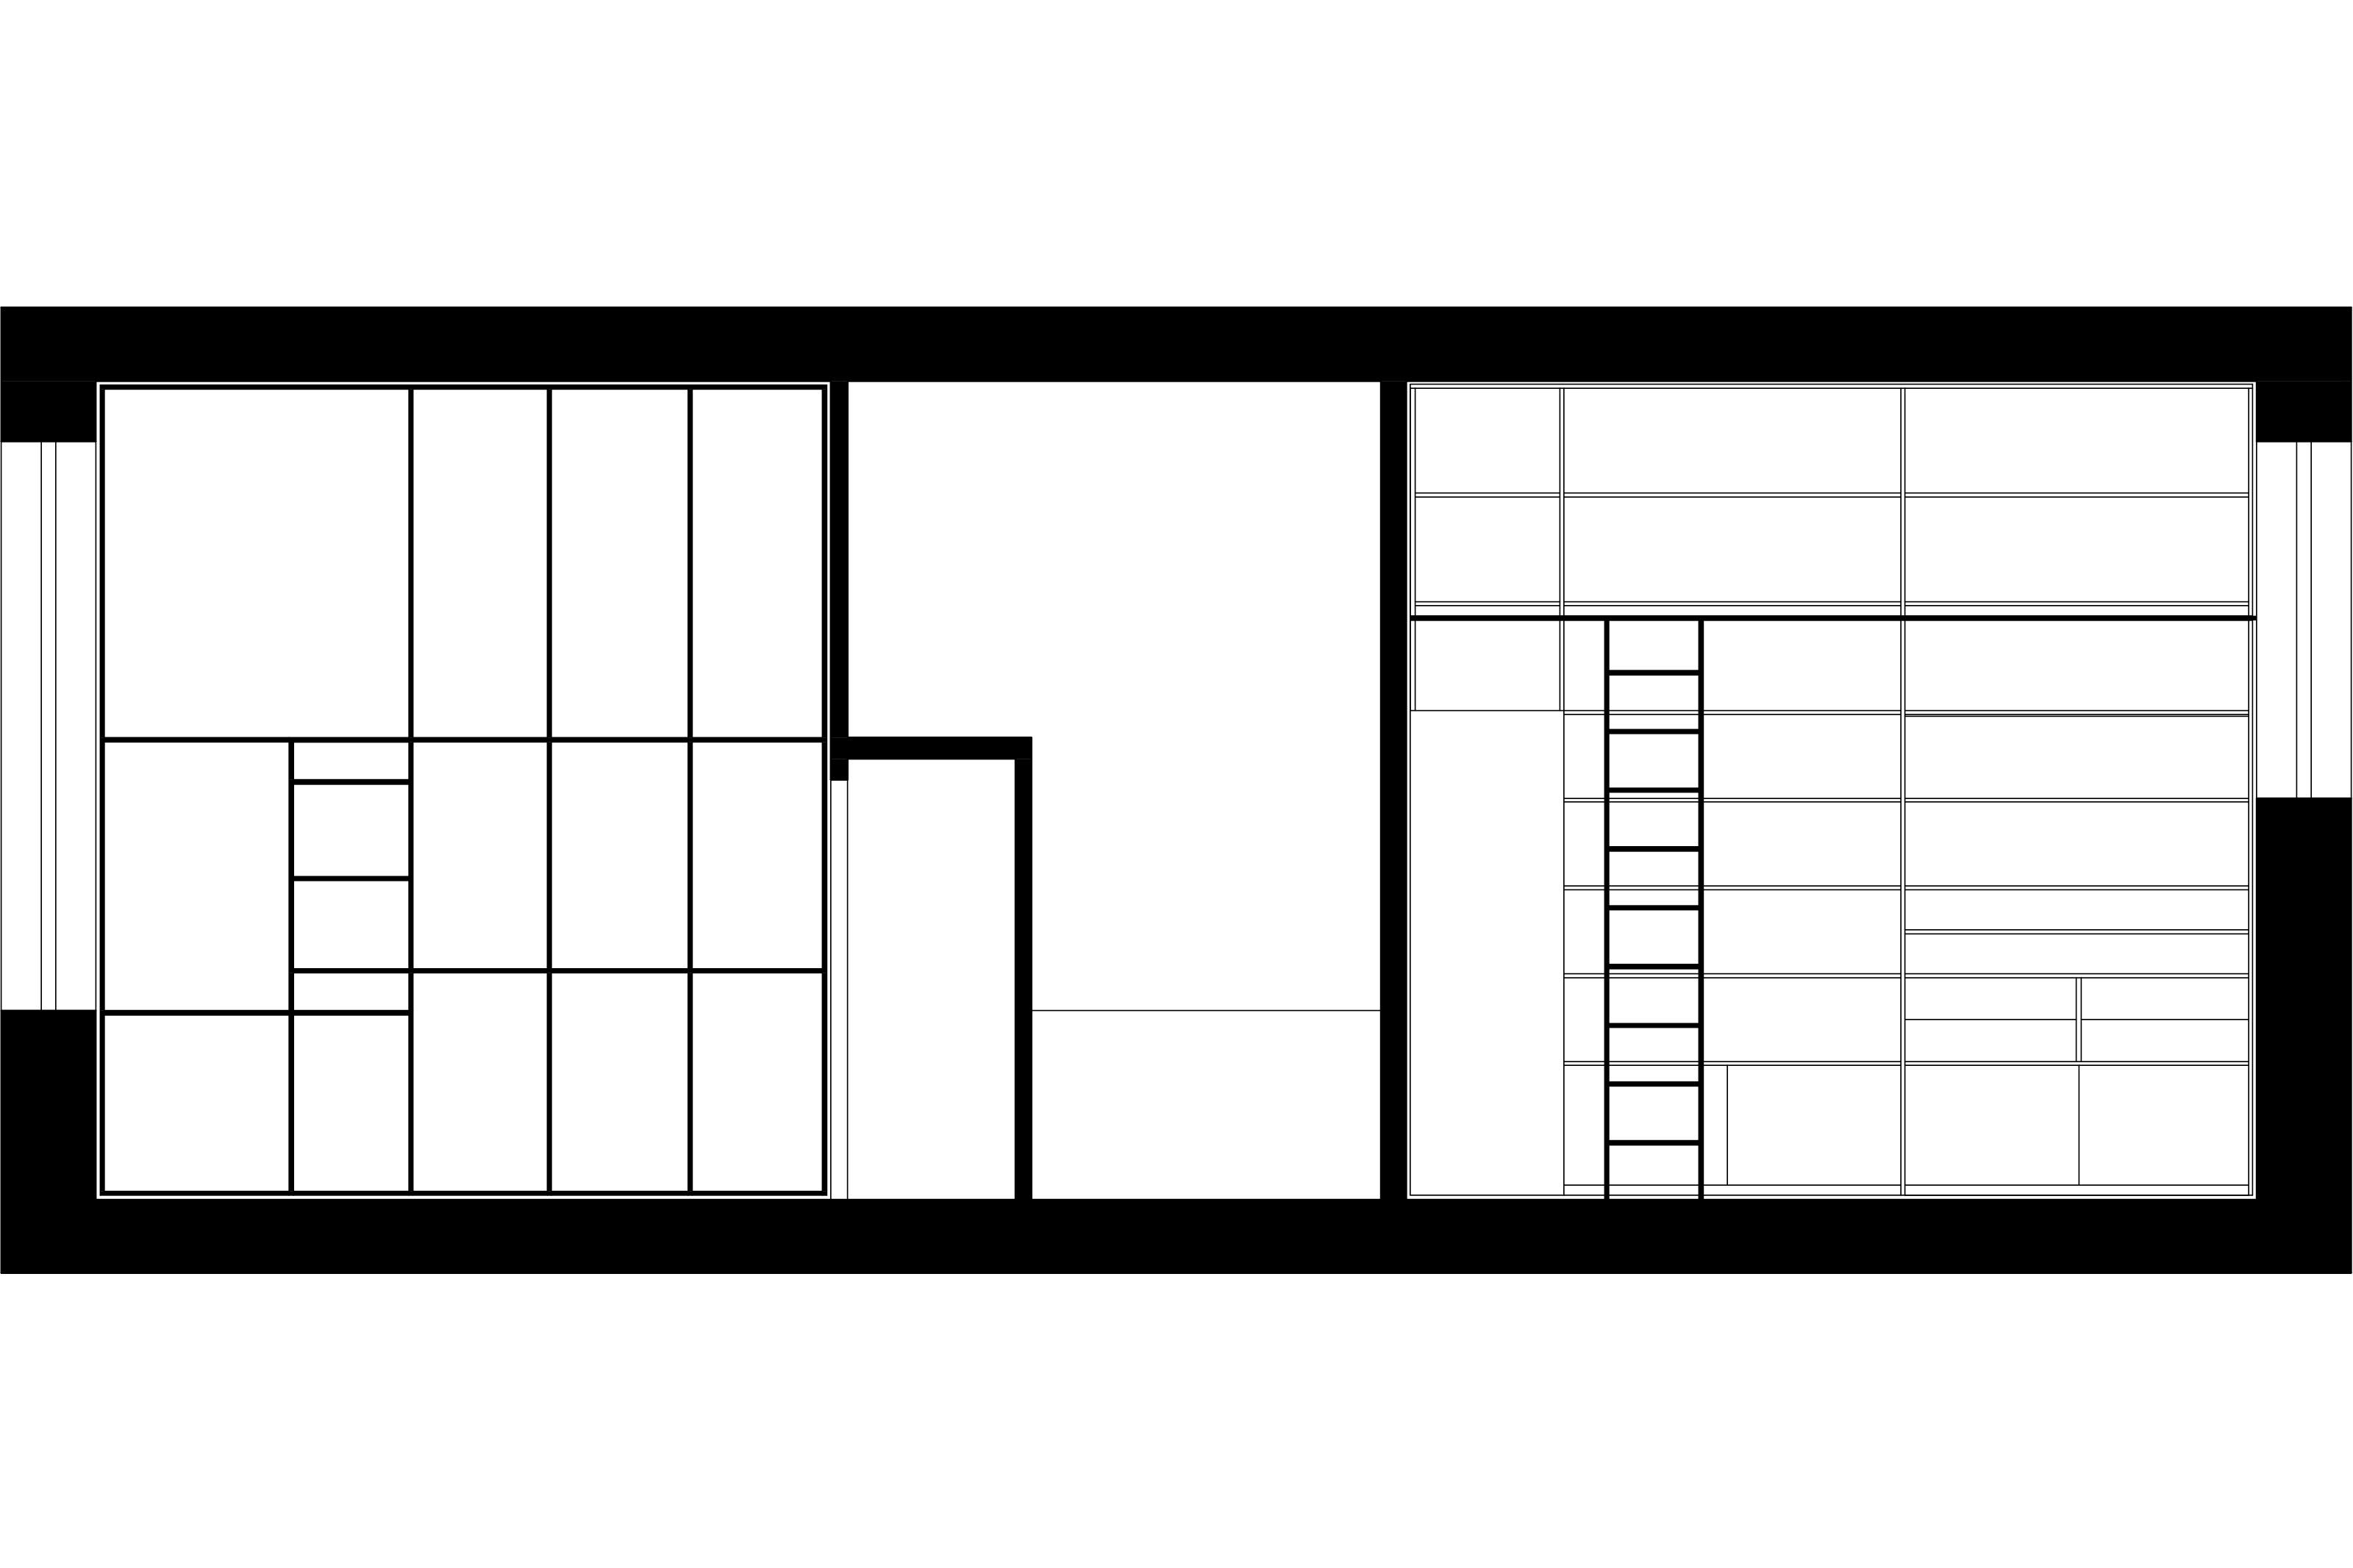 Poszetka extension - Joanna Kubieniec i Katarzyna Długosz - Biuro architektoniczne w Katowicach